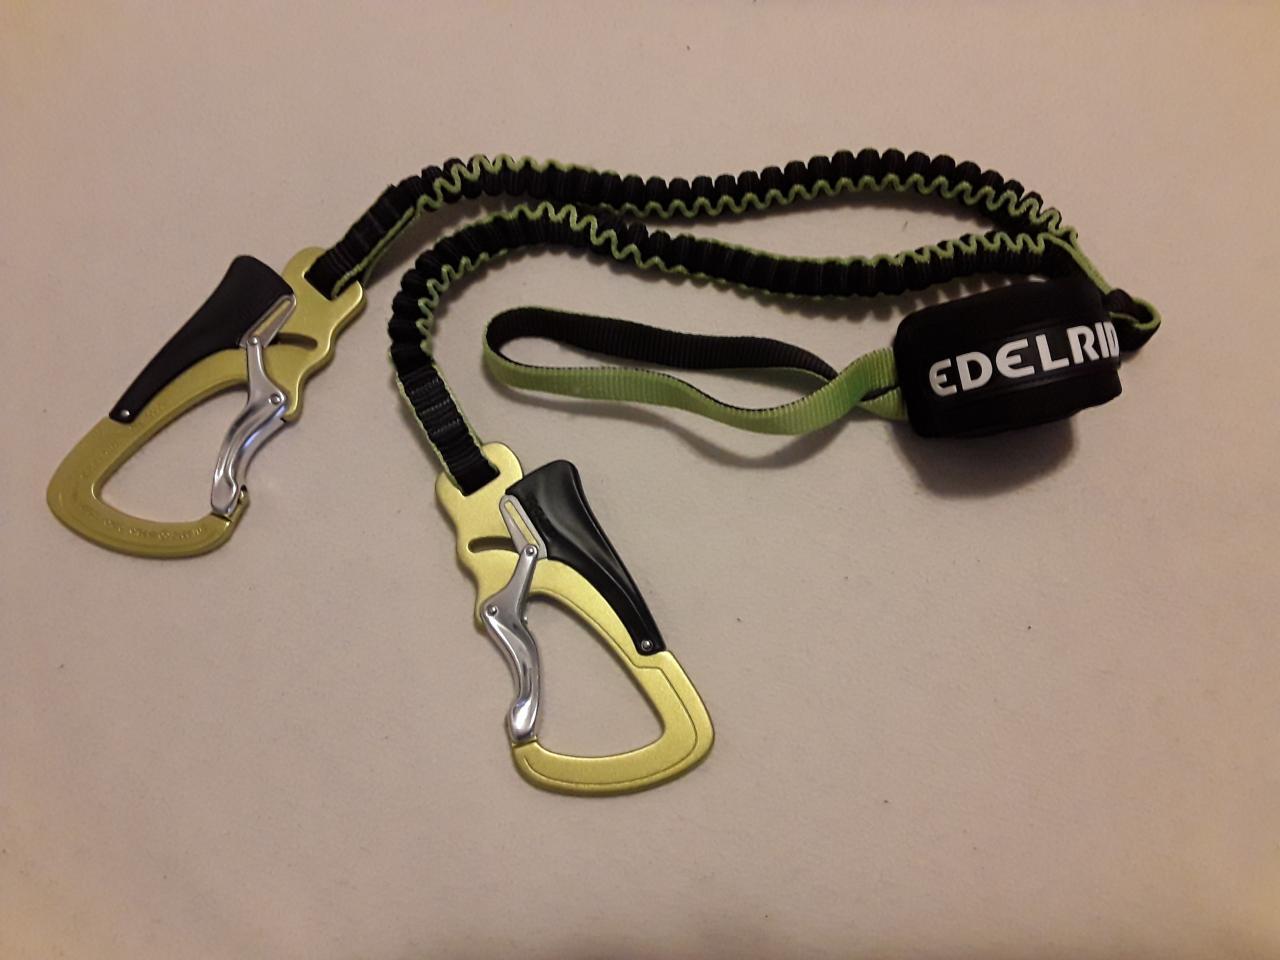 Klettersteigset One Touch : Selbstsicherungsgerät edelrid cable lite 2.3 one touch kibuba